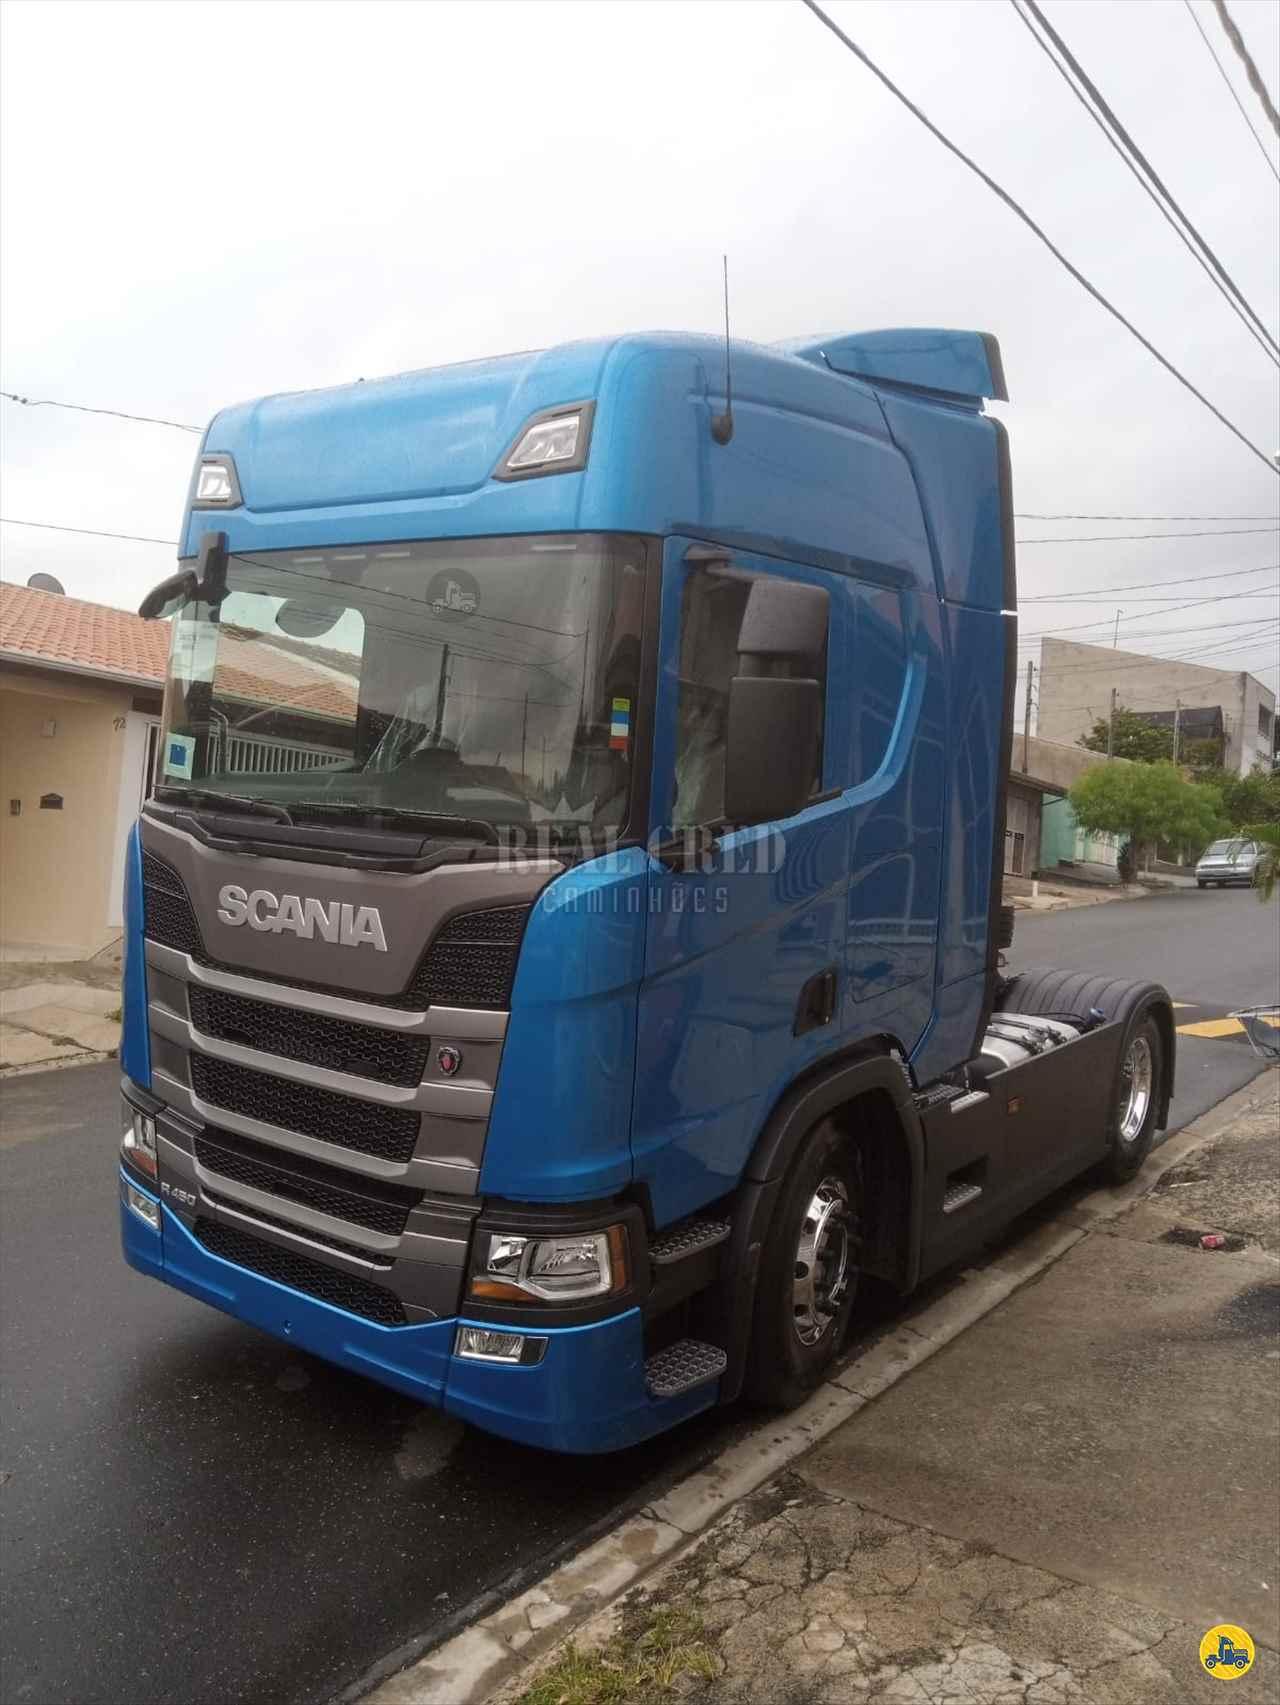 CAMINHAO SCANIA SCANIA 450 Cavalo Mecânico Toco 4x2 Real Cred Caminhões PIEDADE SÃO PAULO SP